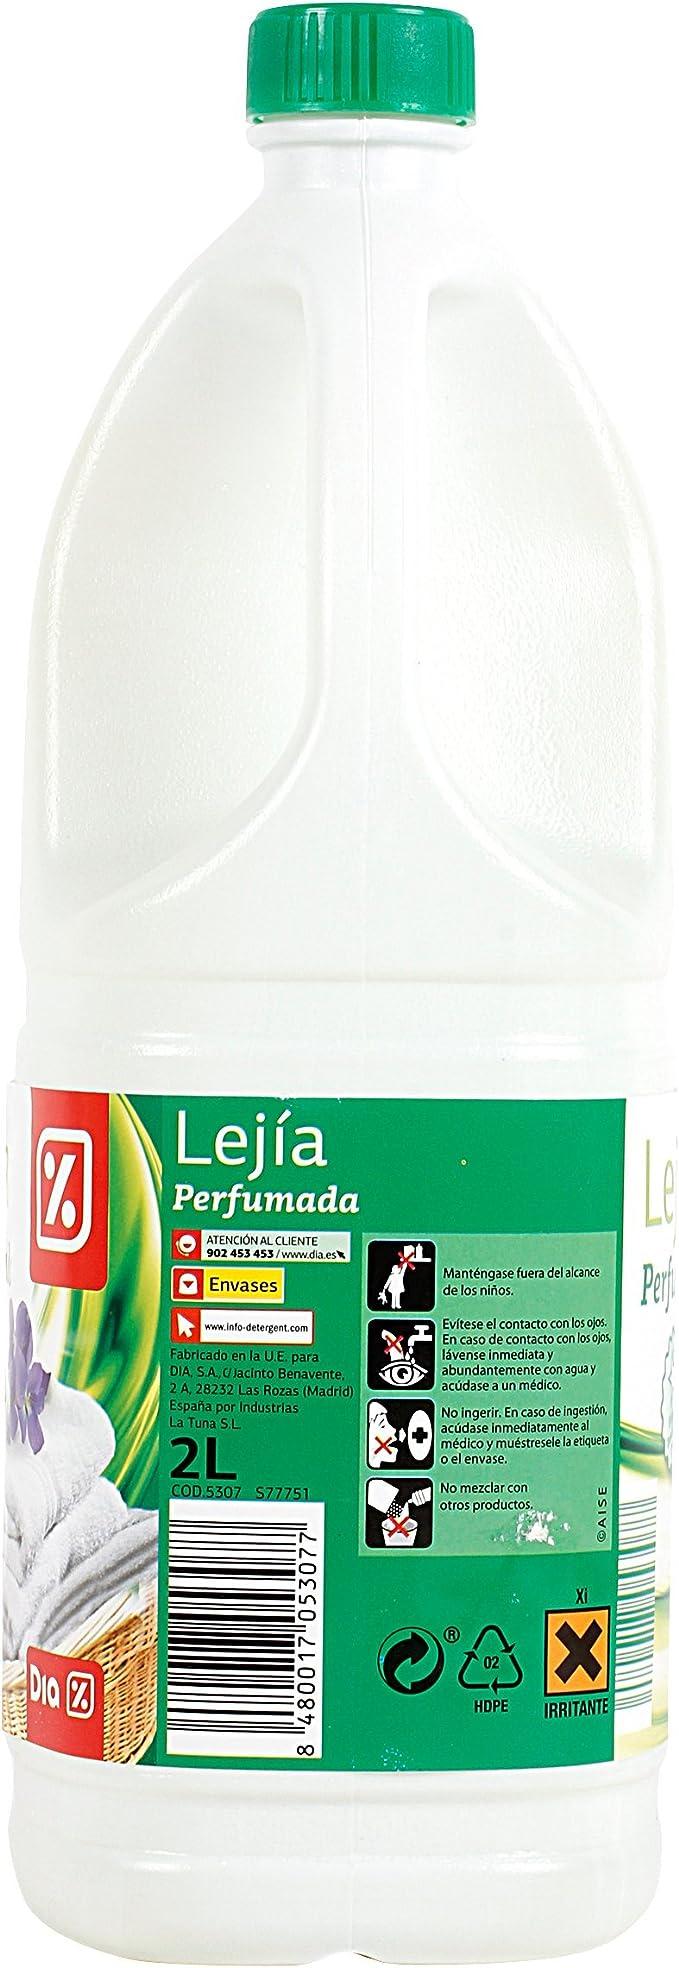 DIA - Lejía Ropa Perfumada Botella 2 Lt: Amazon.es: Alimentación y bebidas